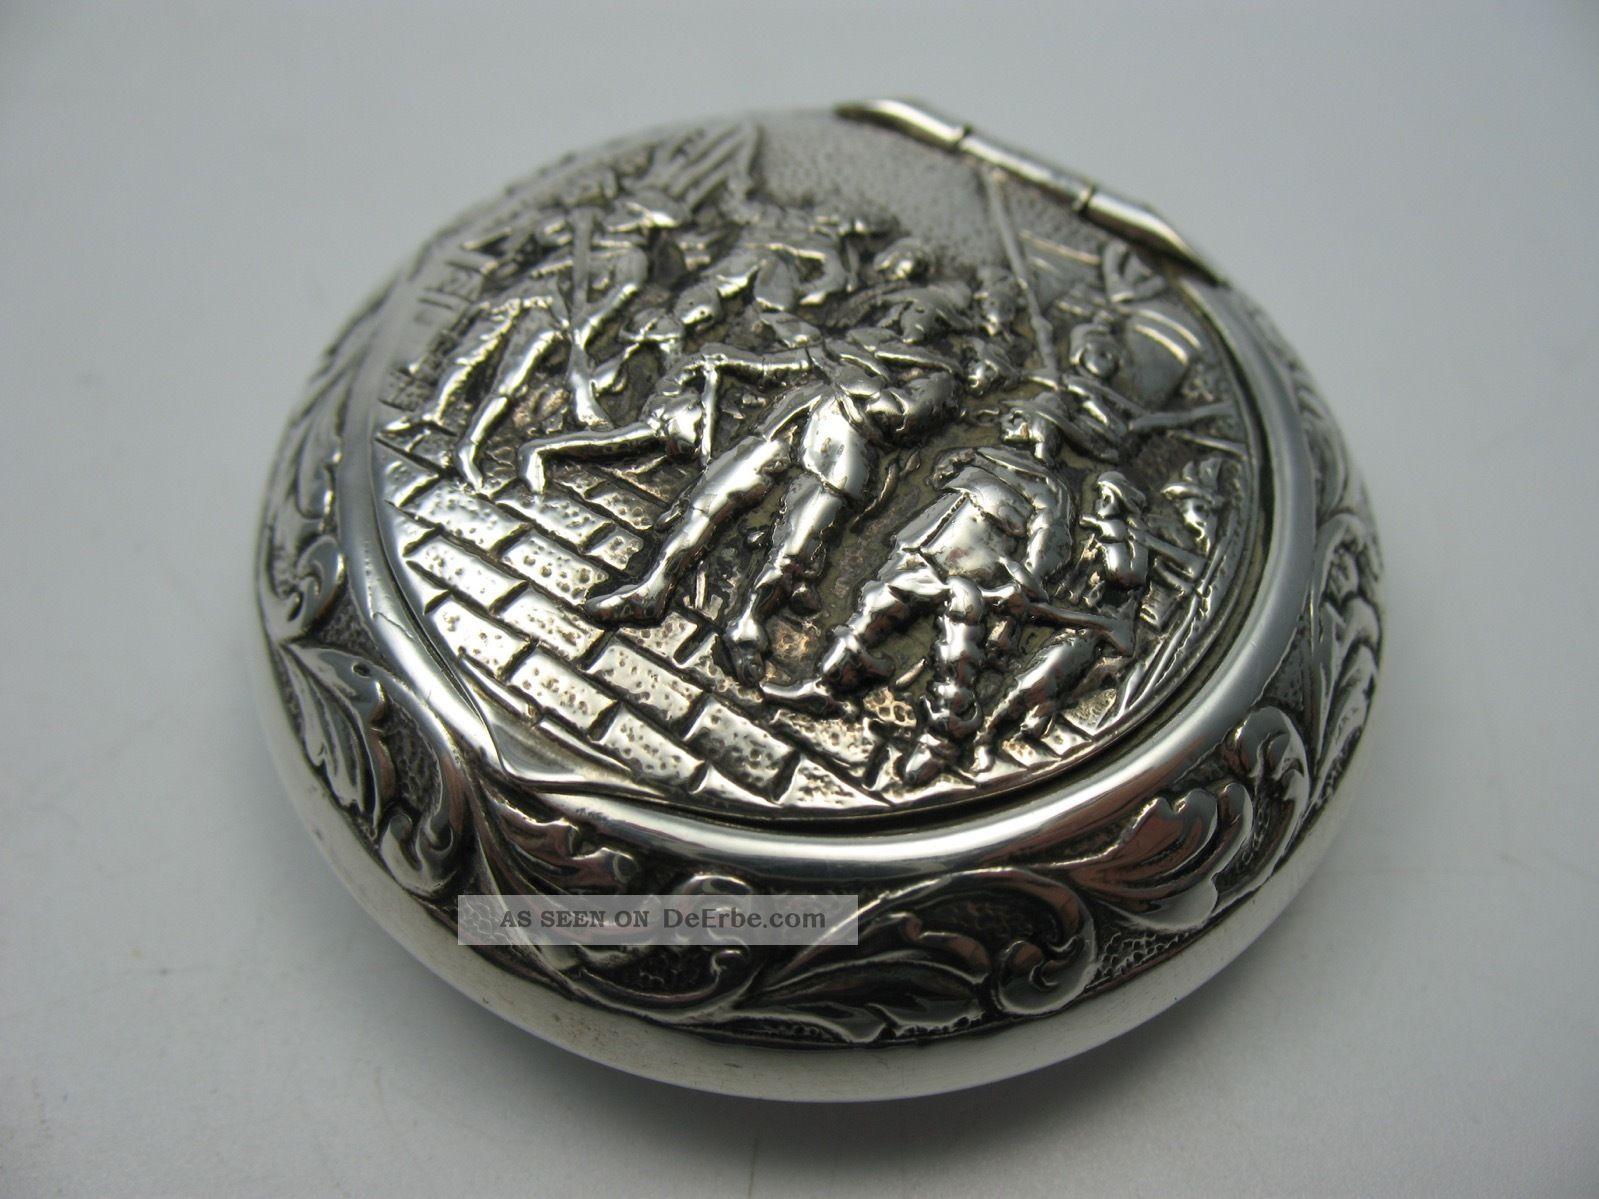 Reich Figürlich Verzierte Schöne Alte Pillendose Tabatiere Aus 800 Silber Objekte vor 1945 Bild